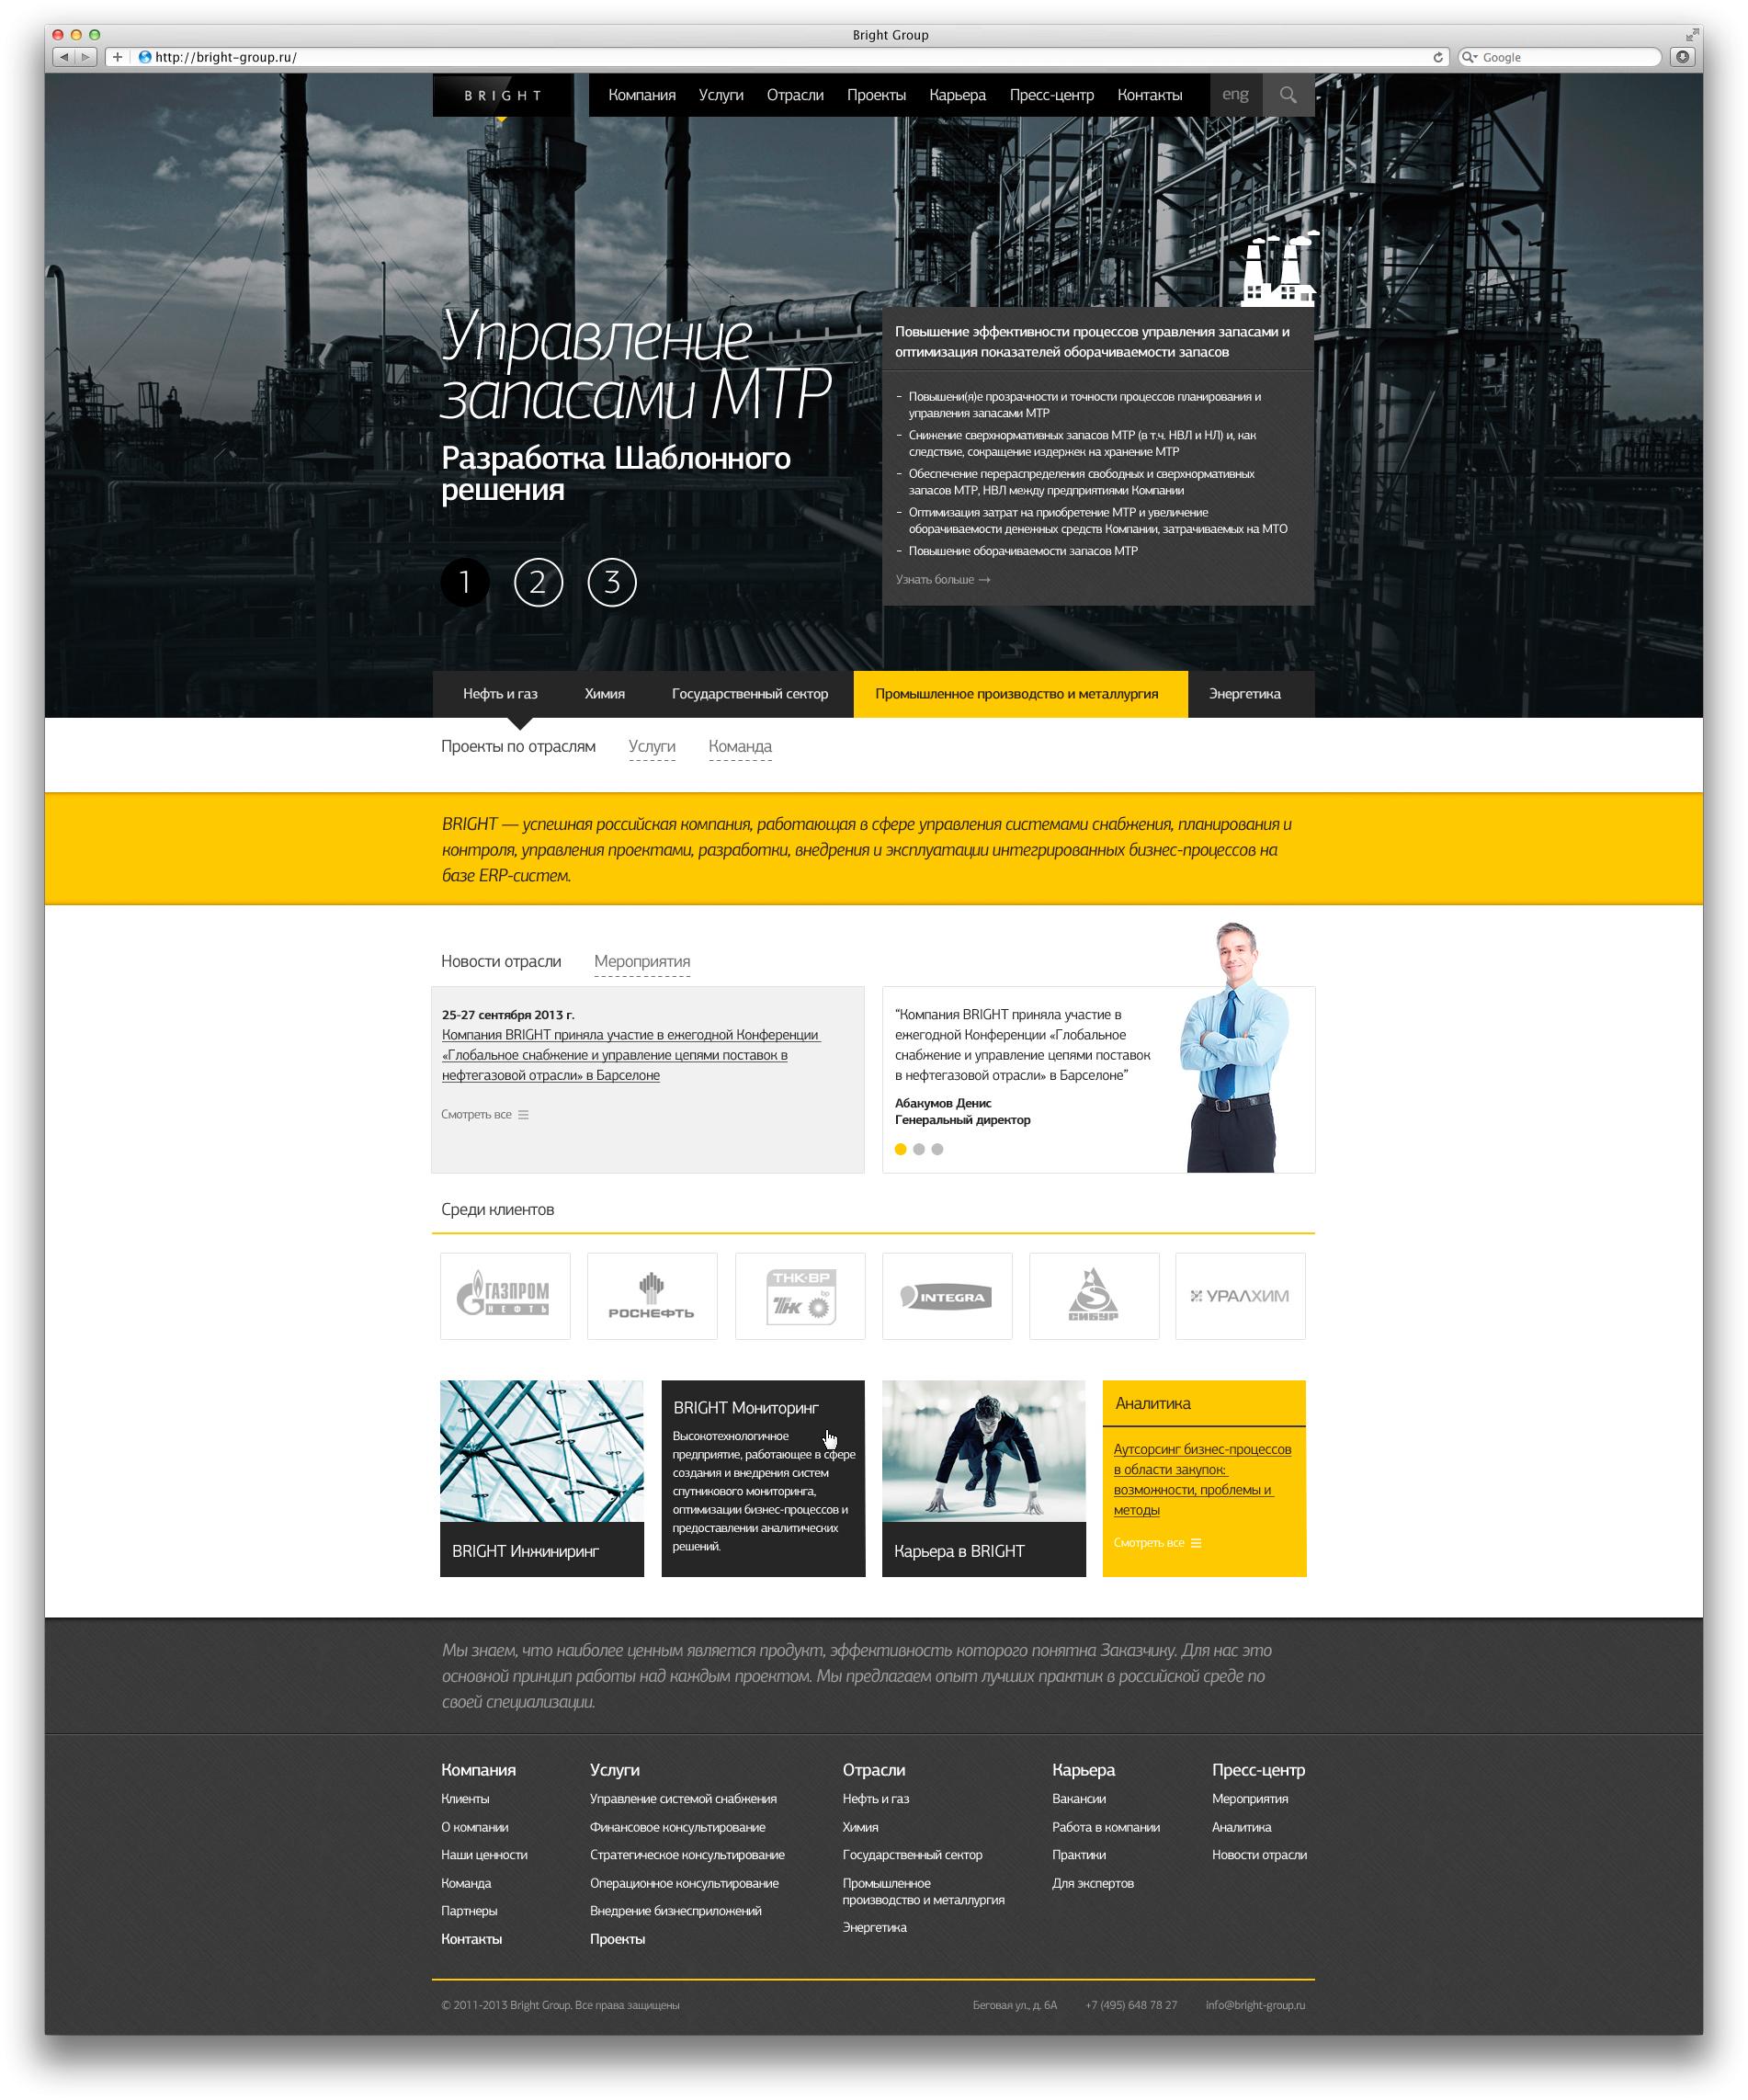 Дизайн и разработка сайта консалтинговой компании фото f_85252fb7dfed7cf0.jpg